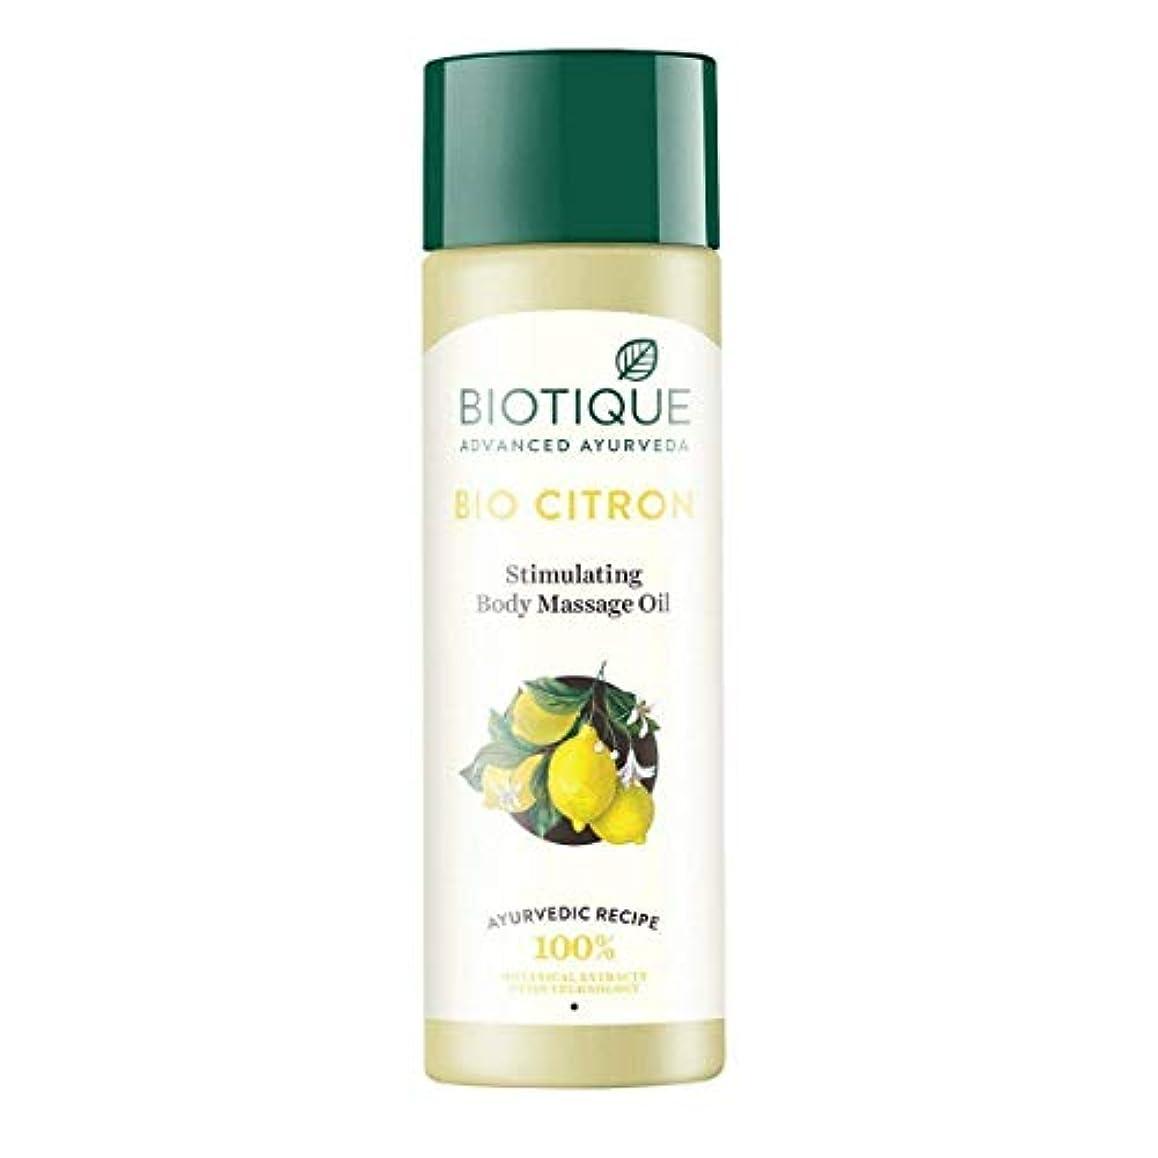 アマゾンジャングル七面鳥健康的Biotique Bio Citron Stimulating Body Massage Oil, 200ml rich in vitamin Biotique バイオシトロン刺激ボディマッサージオイル、ビタミン